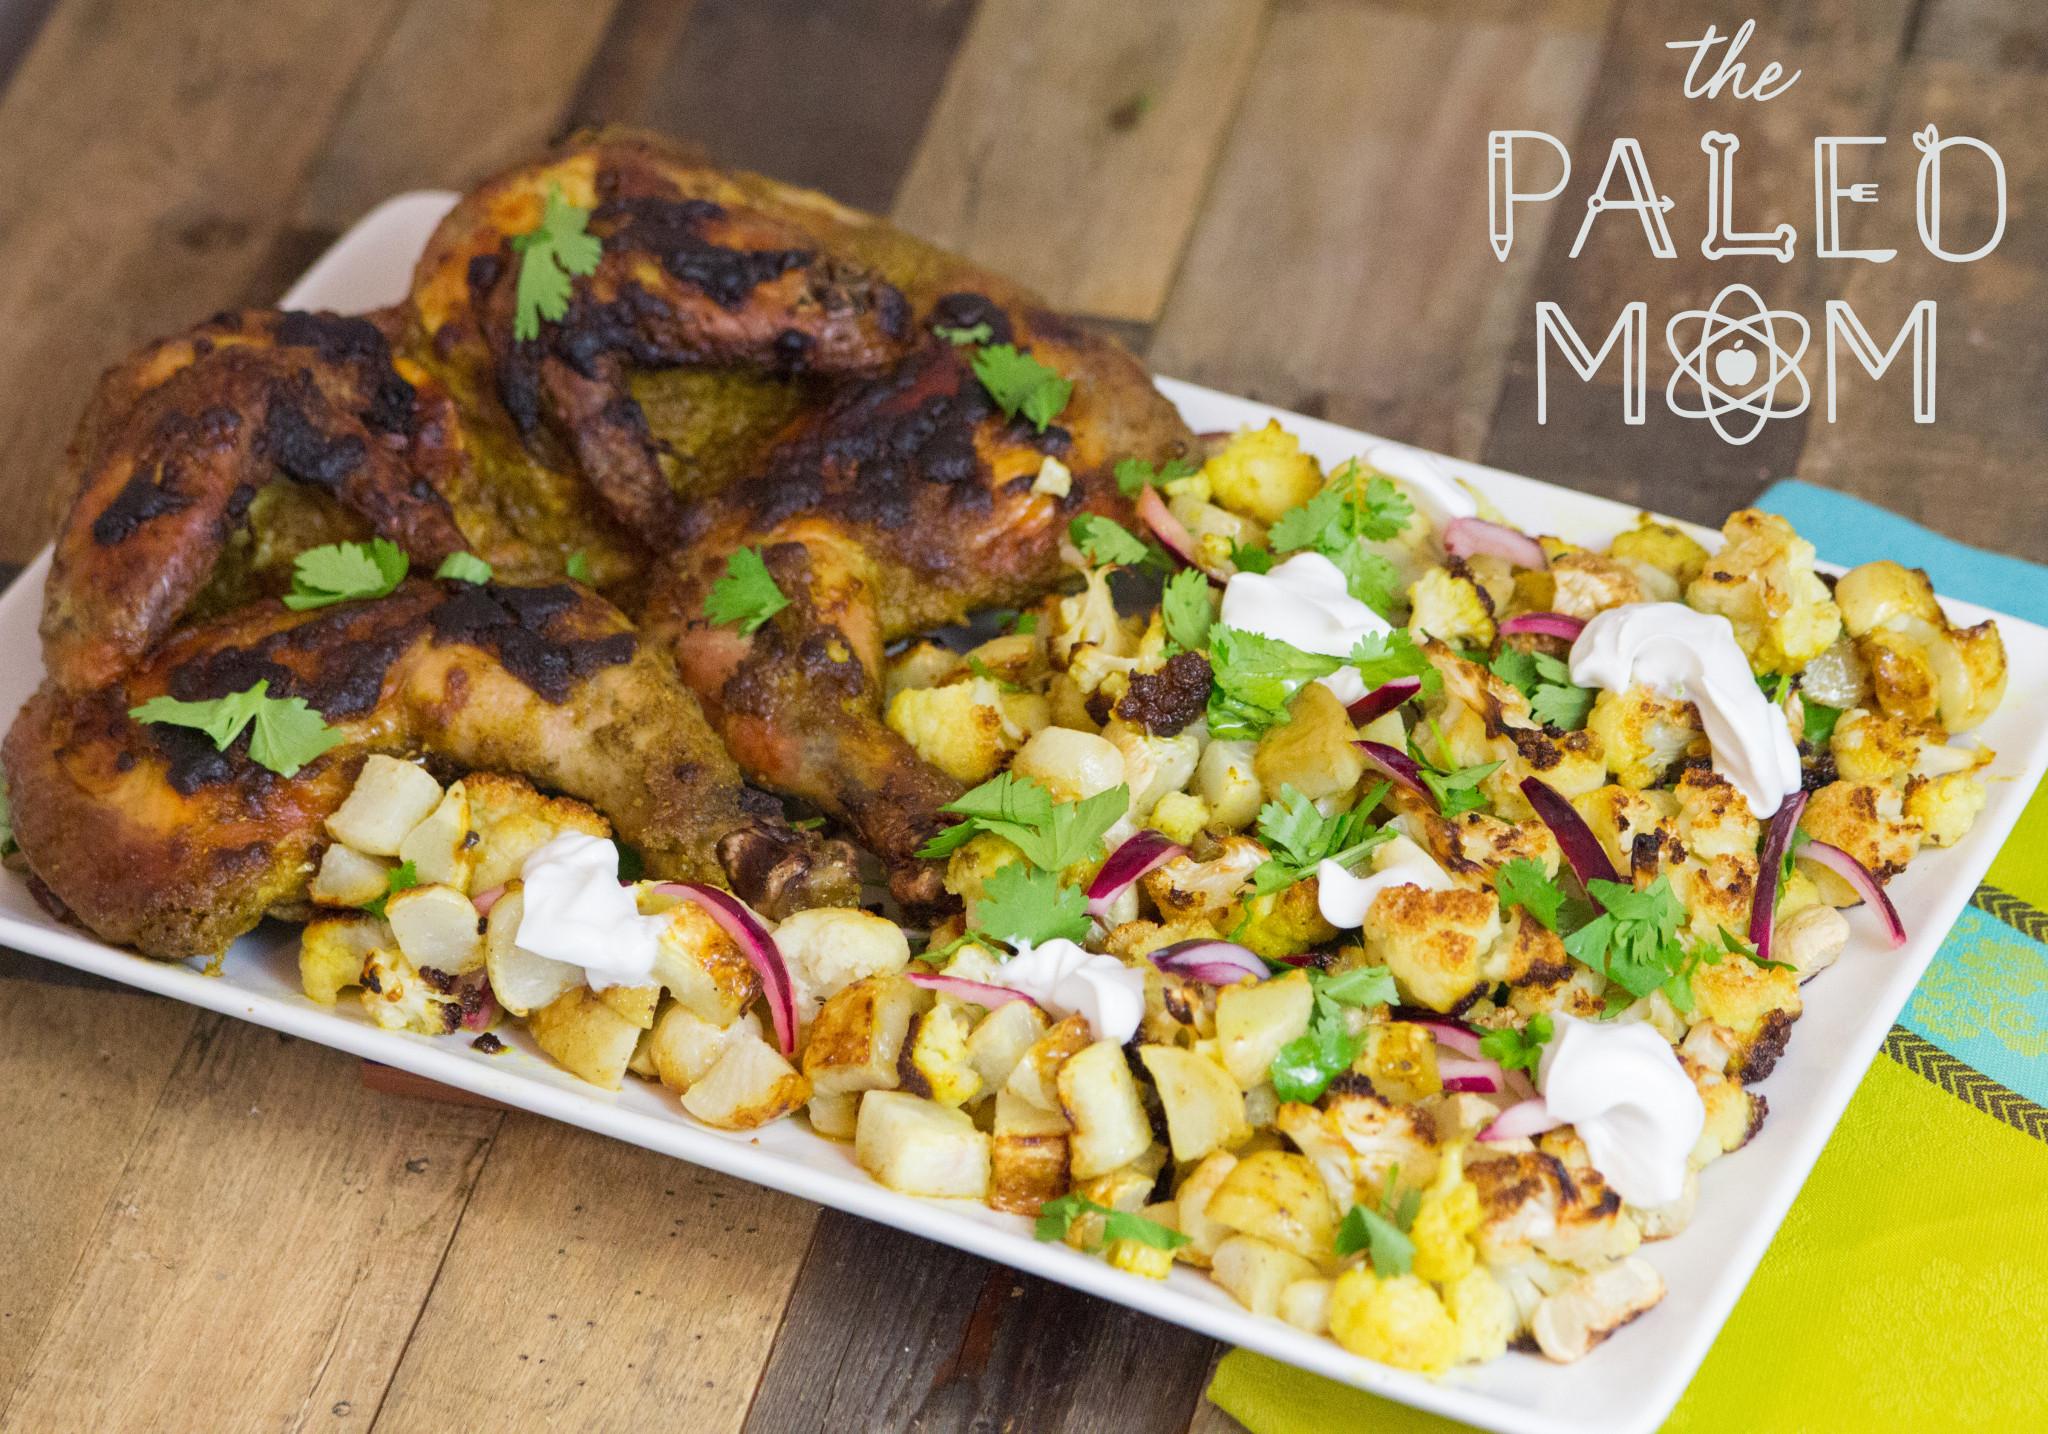 Bengali Tandoori Chicken with Aloo Gobi